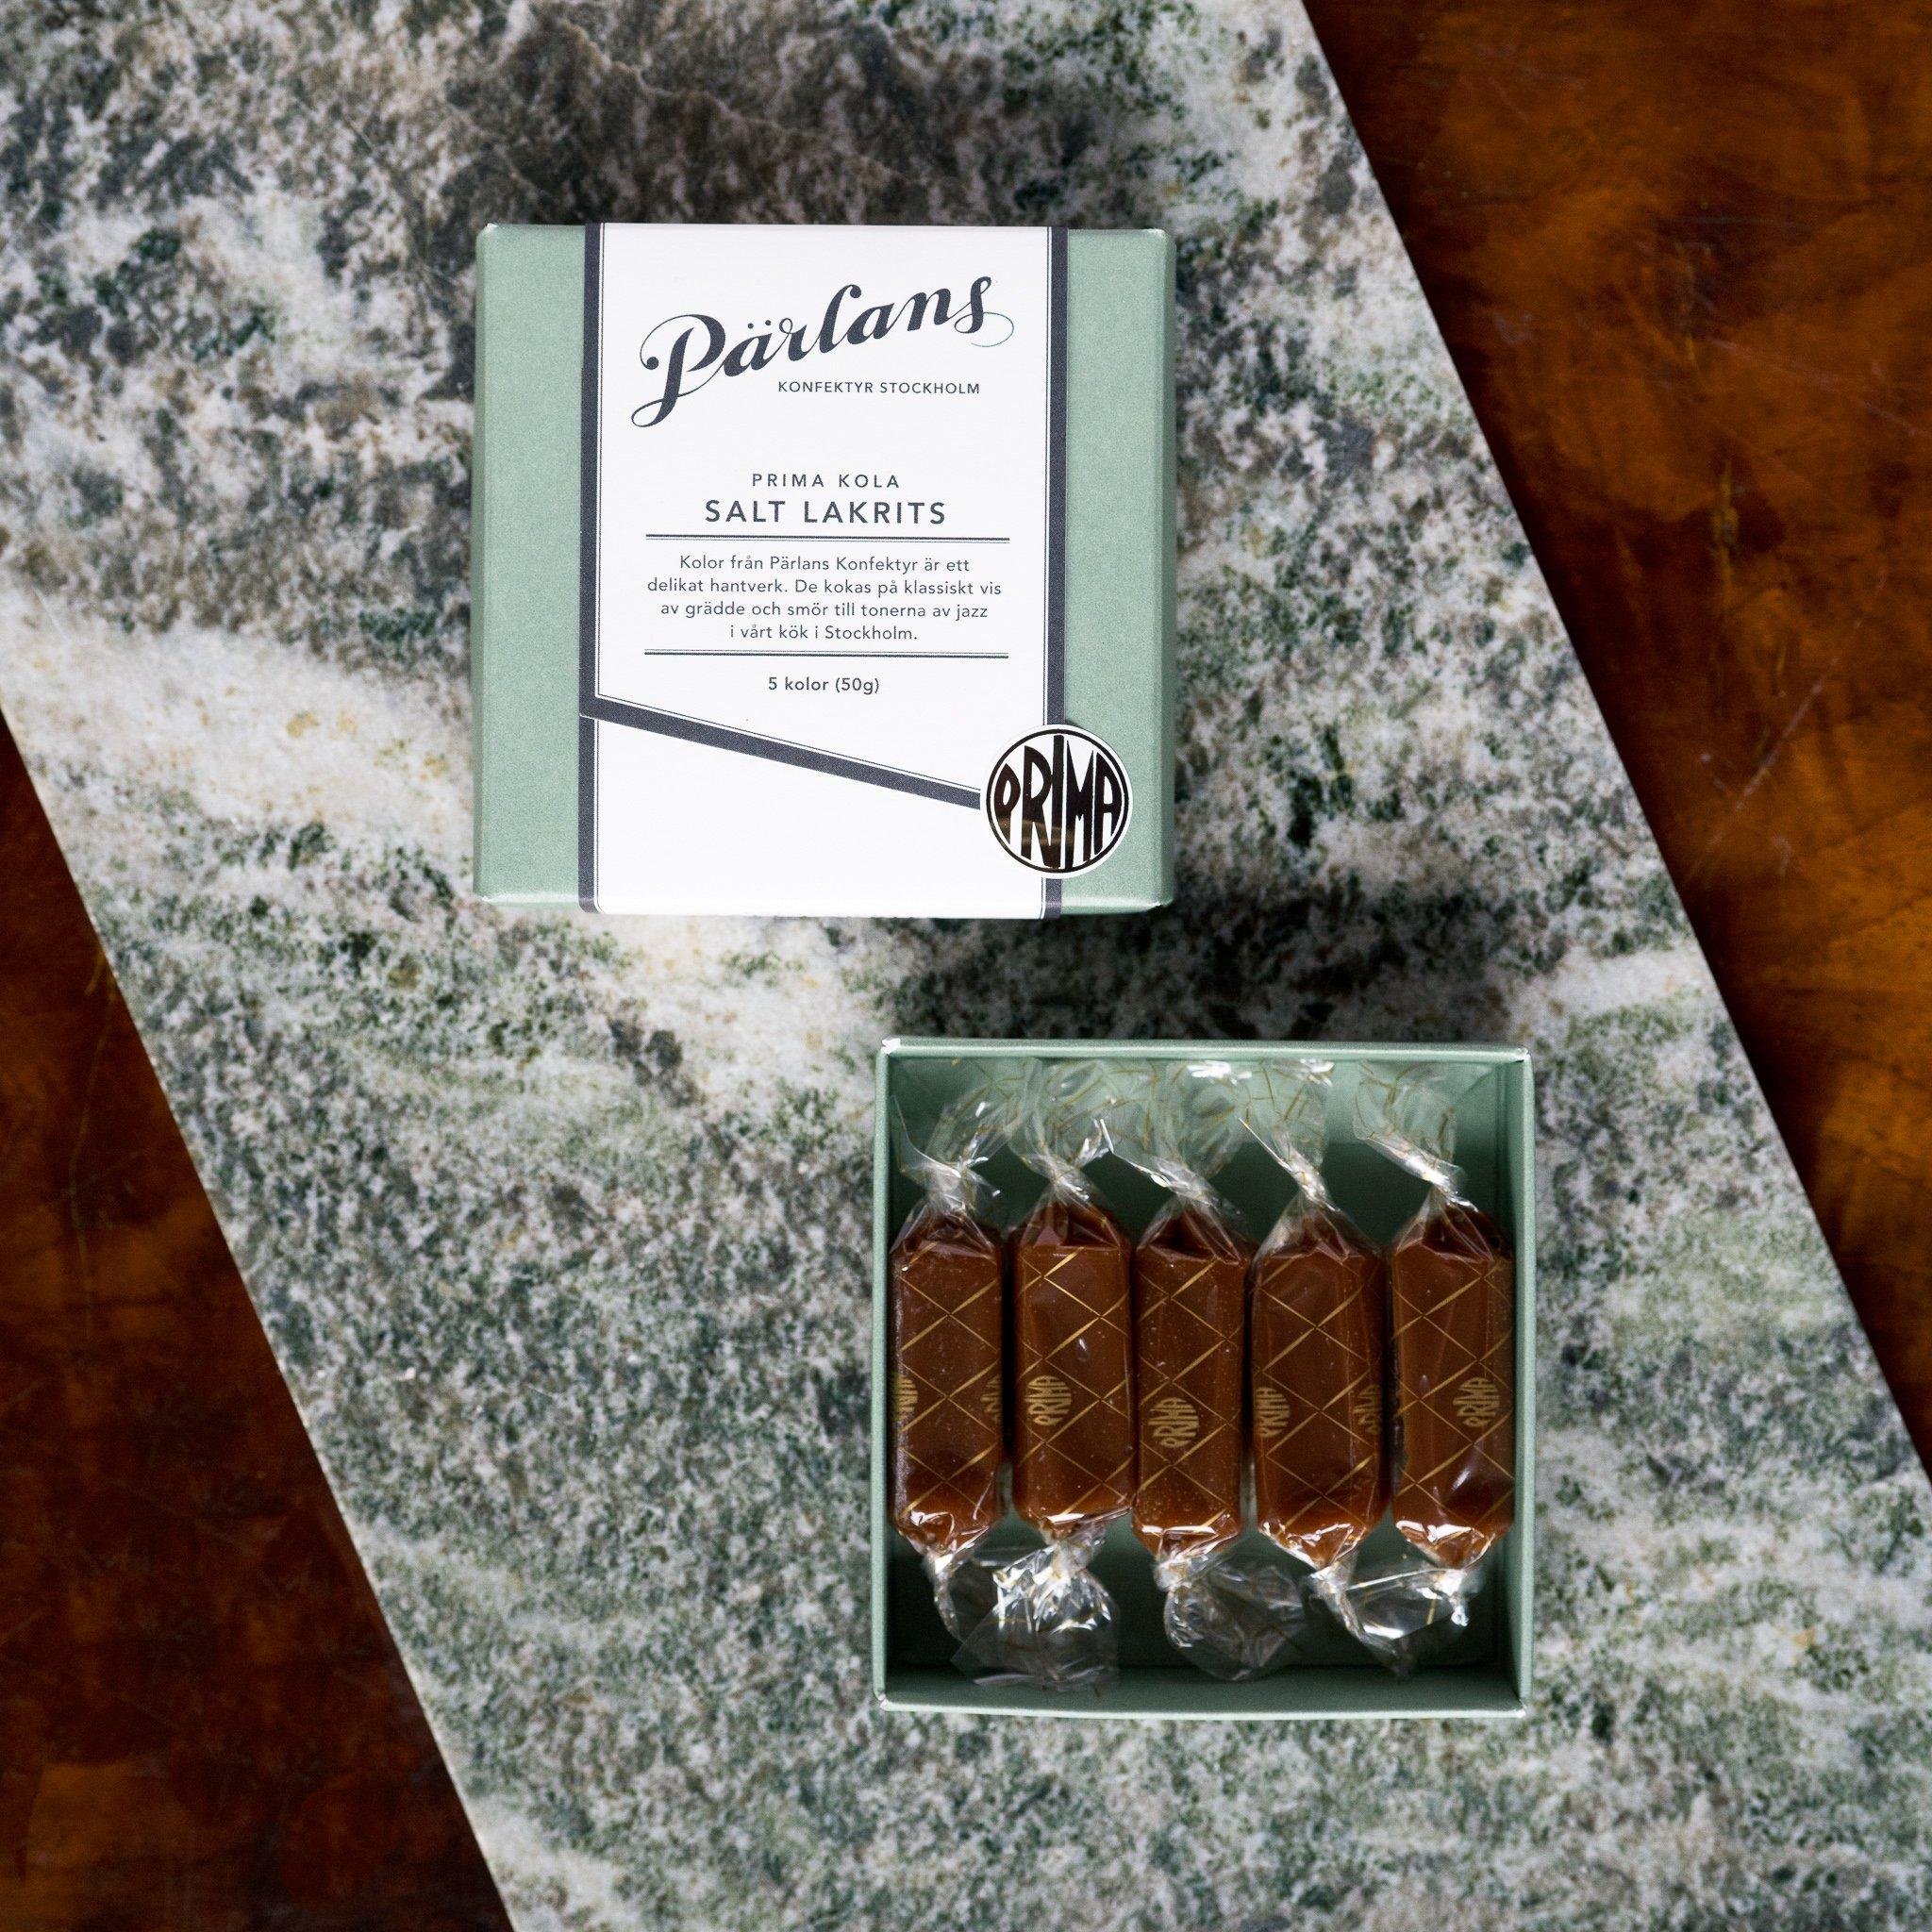 Pärlans - 5 stk karamell med salt lakris